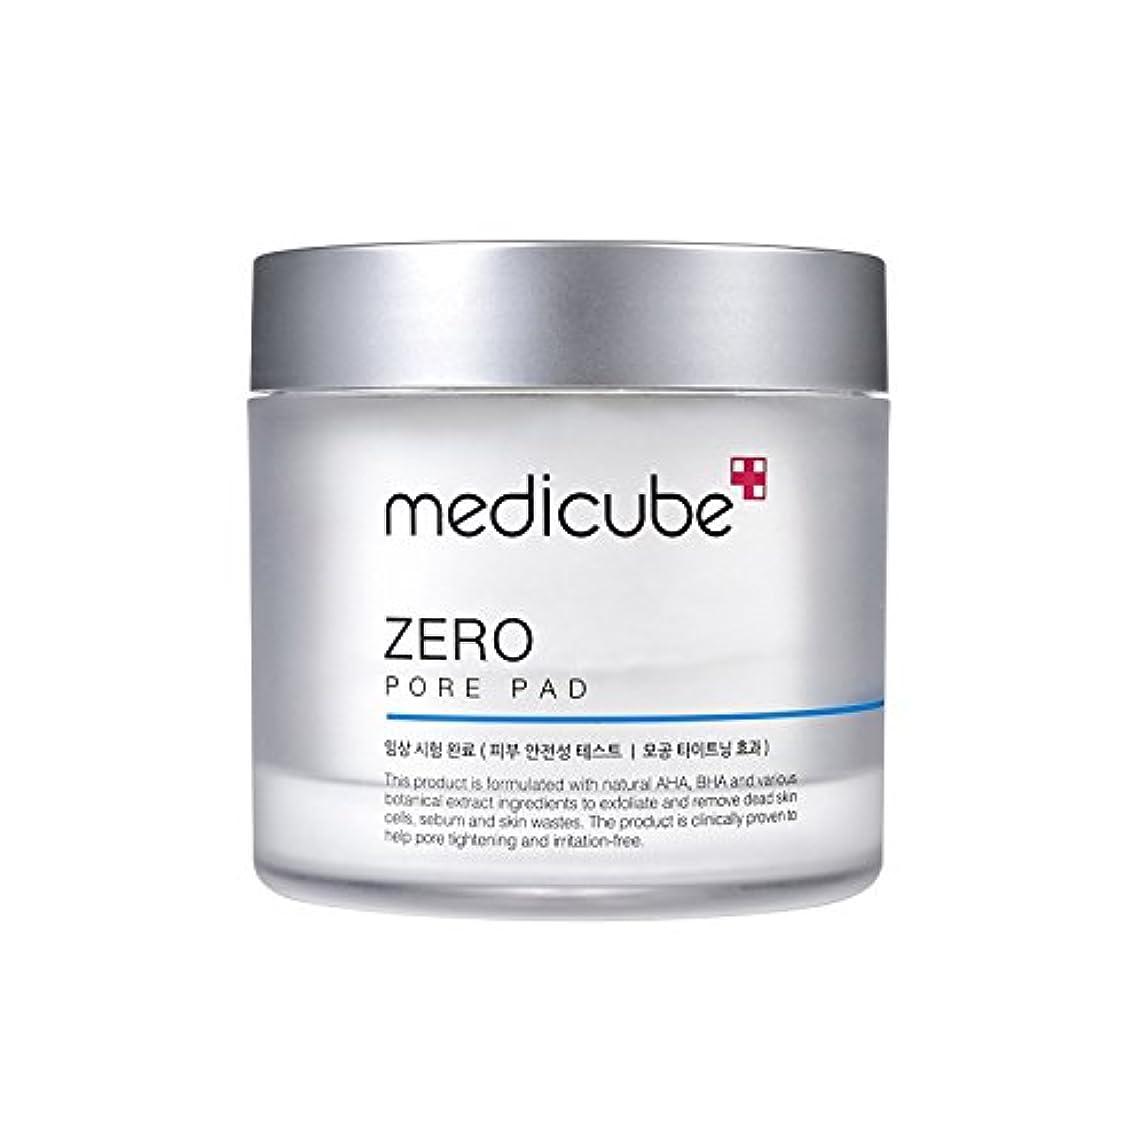 ハム勇敢なとにかく[Medicube]Zero Pore Pad / ゼロ毛穴パッド / 正品?海外直送商品 [並行輸入品]